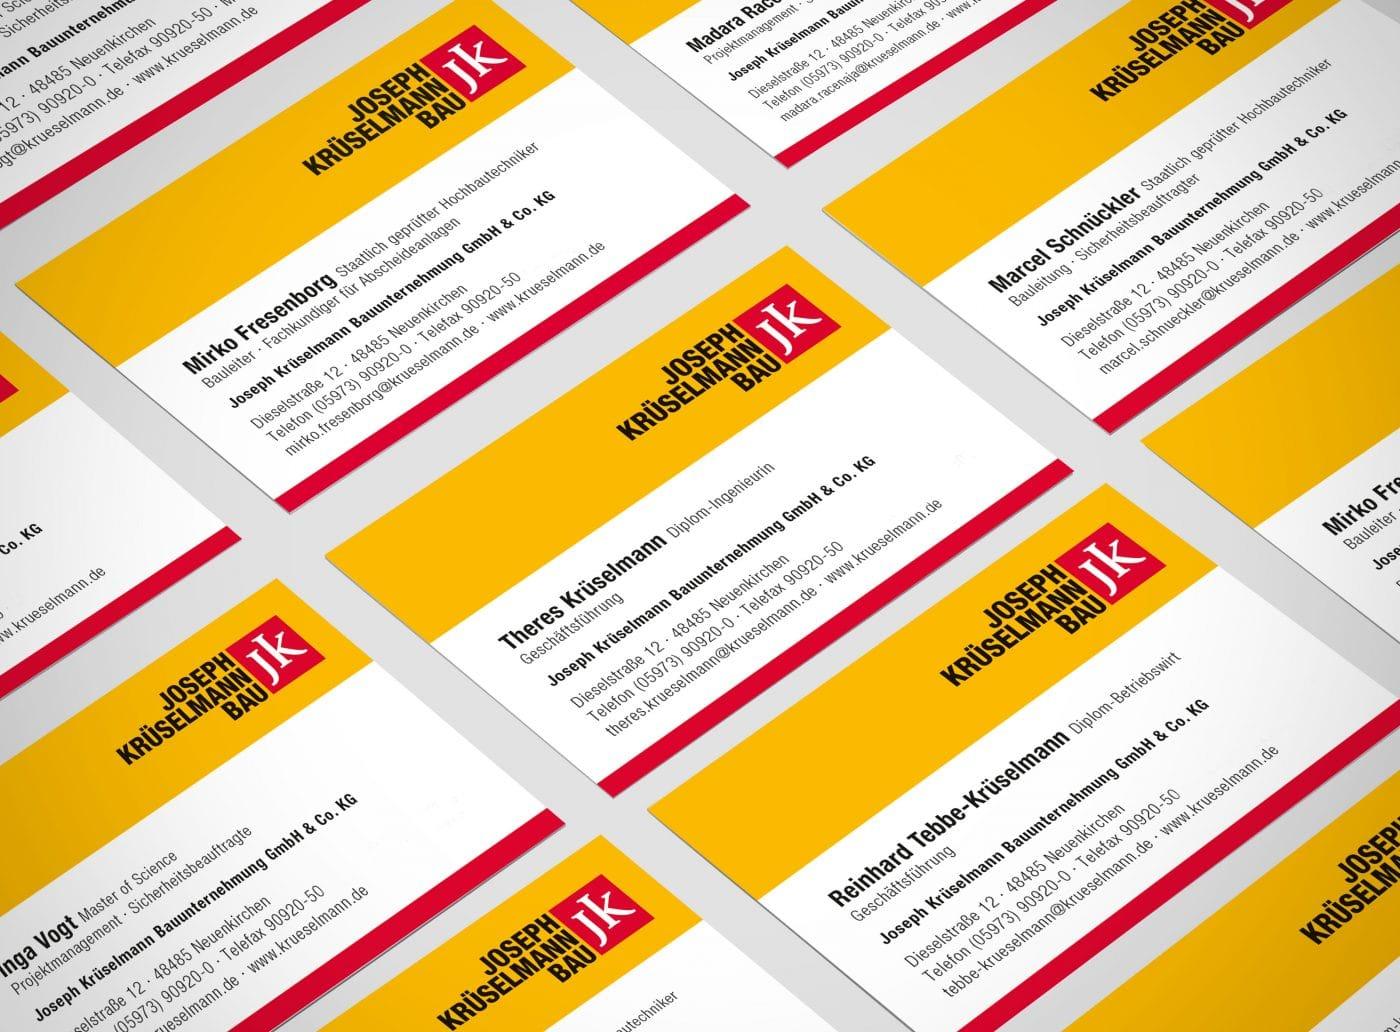 krueselmann vk 01 - Markenauftritt mit Charakter für eine Marke mit Persönlichkeit – Corporate Design, Logoentwicklung, Grafikdesign, Webdesign, Kommunikationsdesign, Branding, Markenentwicklung, Werbetechnik